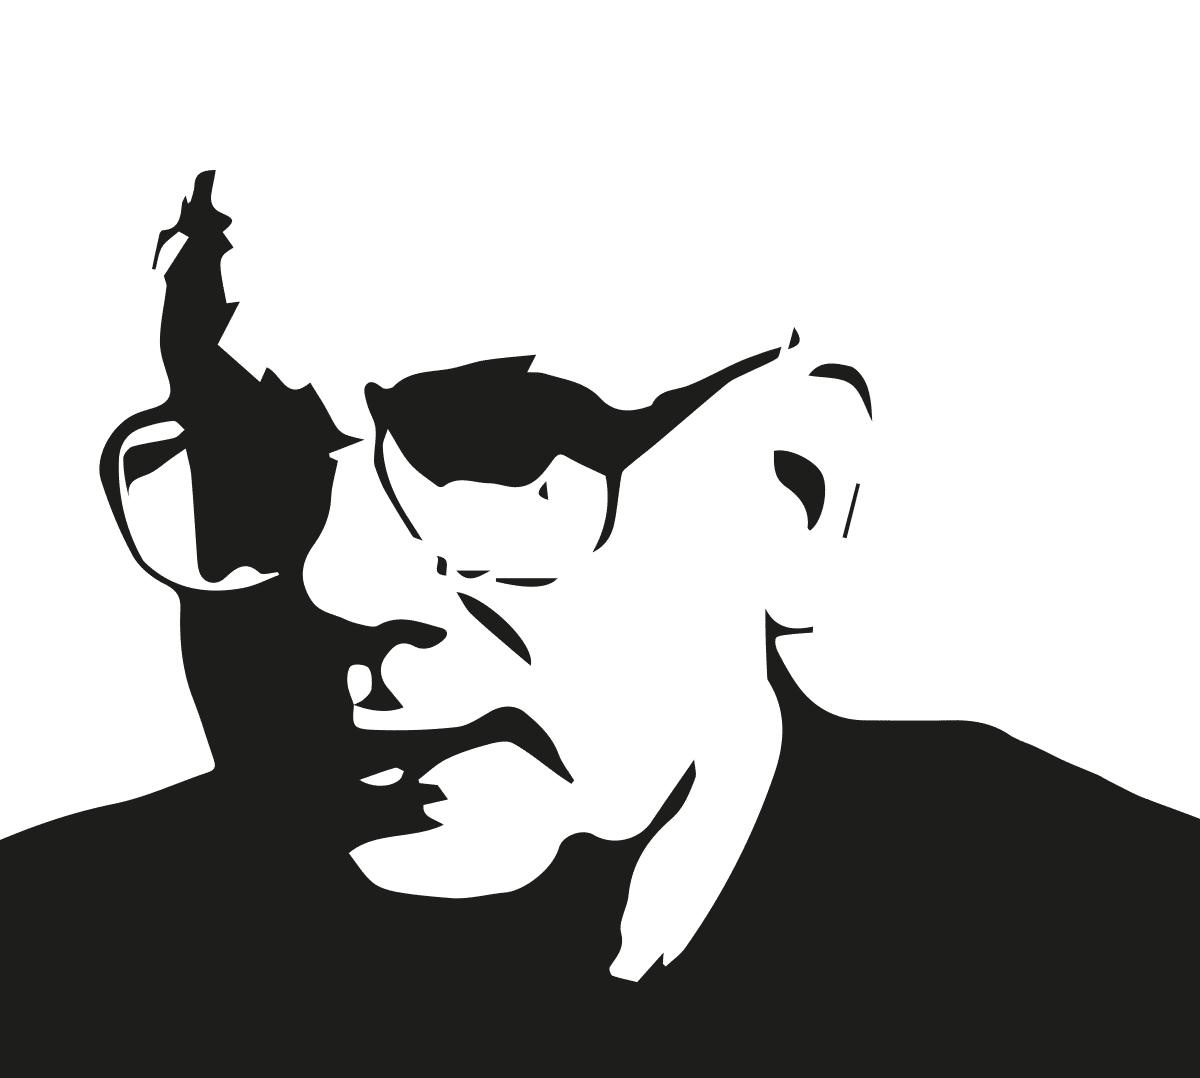 Steven Reiss Vektor schwarz/weiß